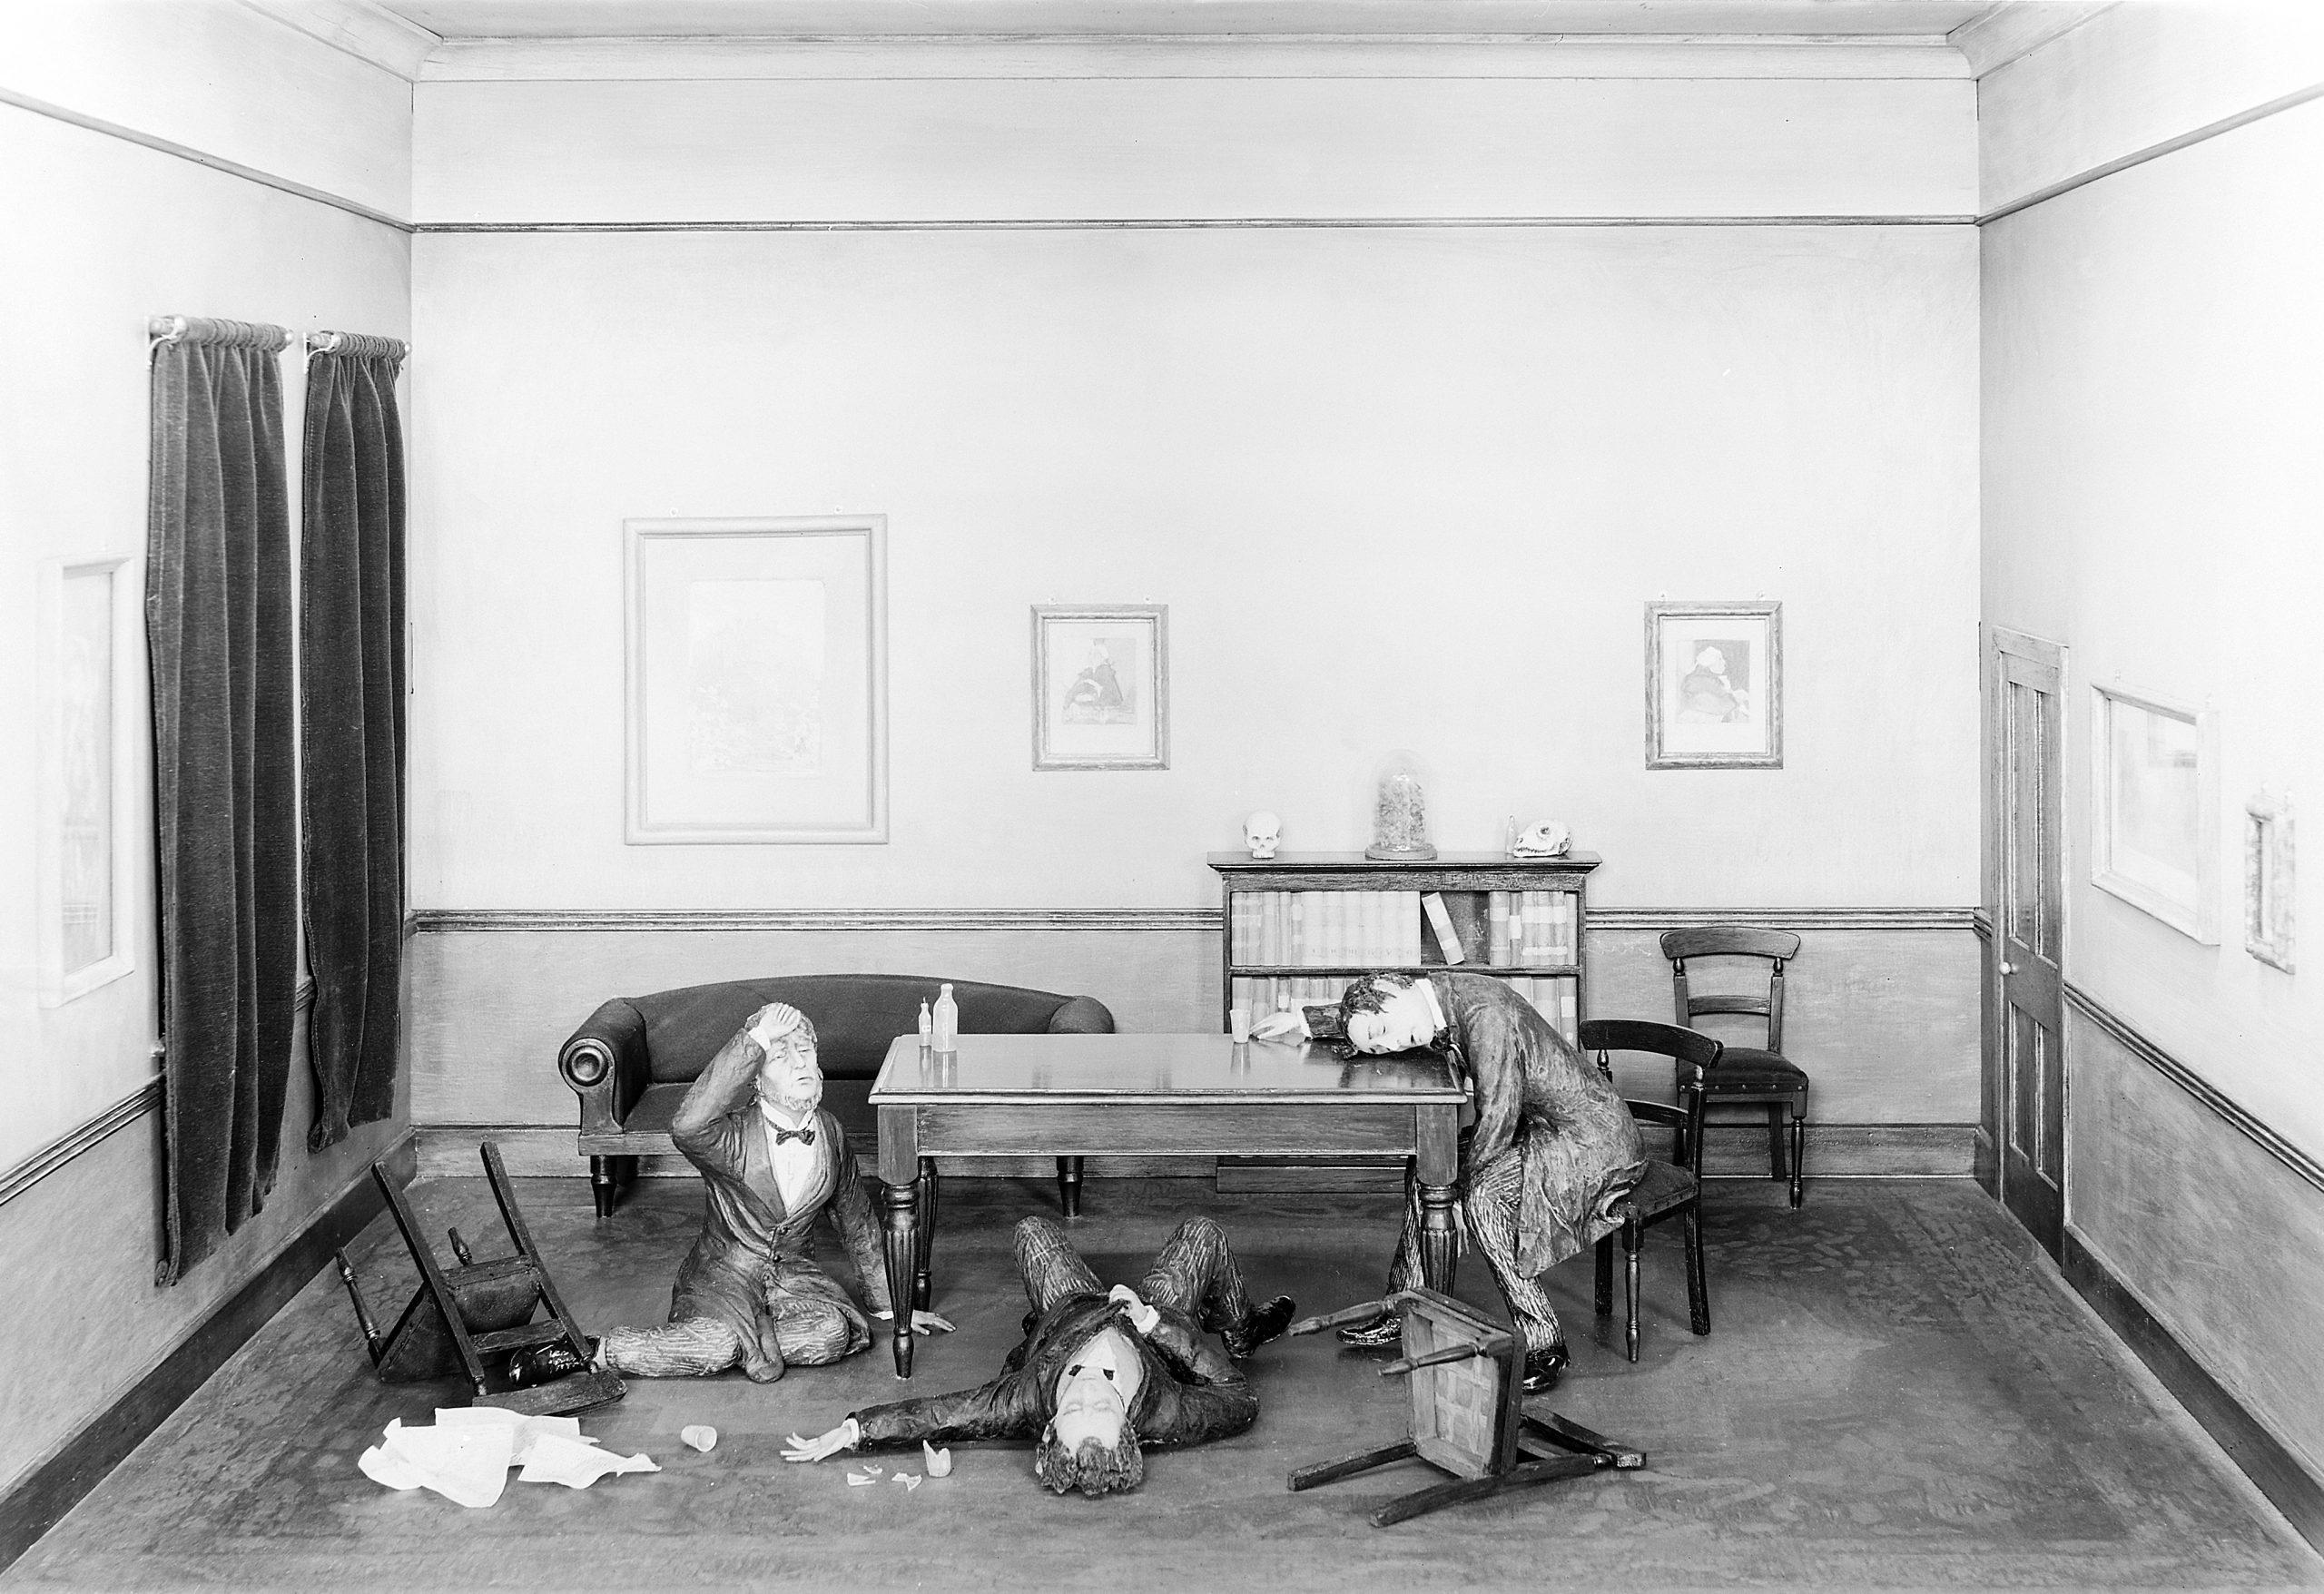 الطبيب جيمس سيمبسون واثنين من أصدقائه أثناء اختبار التأثير المخدر للكلوروفورم